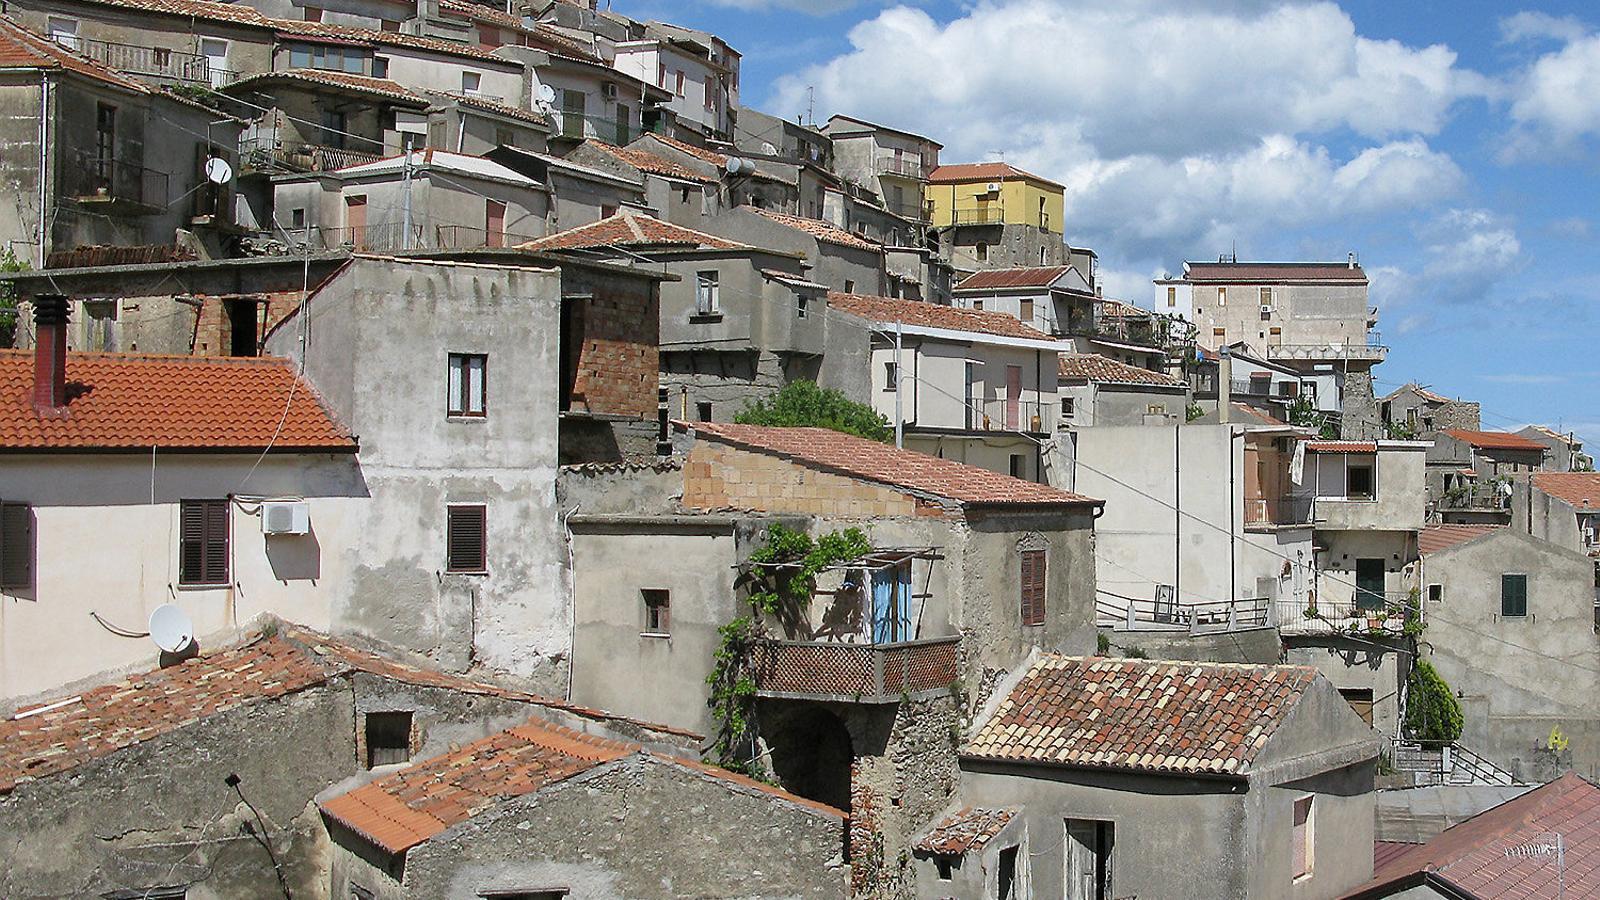 Imatge d'arxiu del petit municipi de Cinquefrondi, a la regió de Calàbria, al sud d'Itàlia.